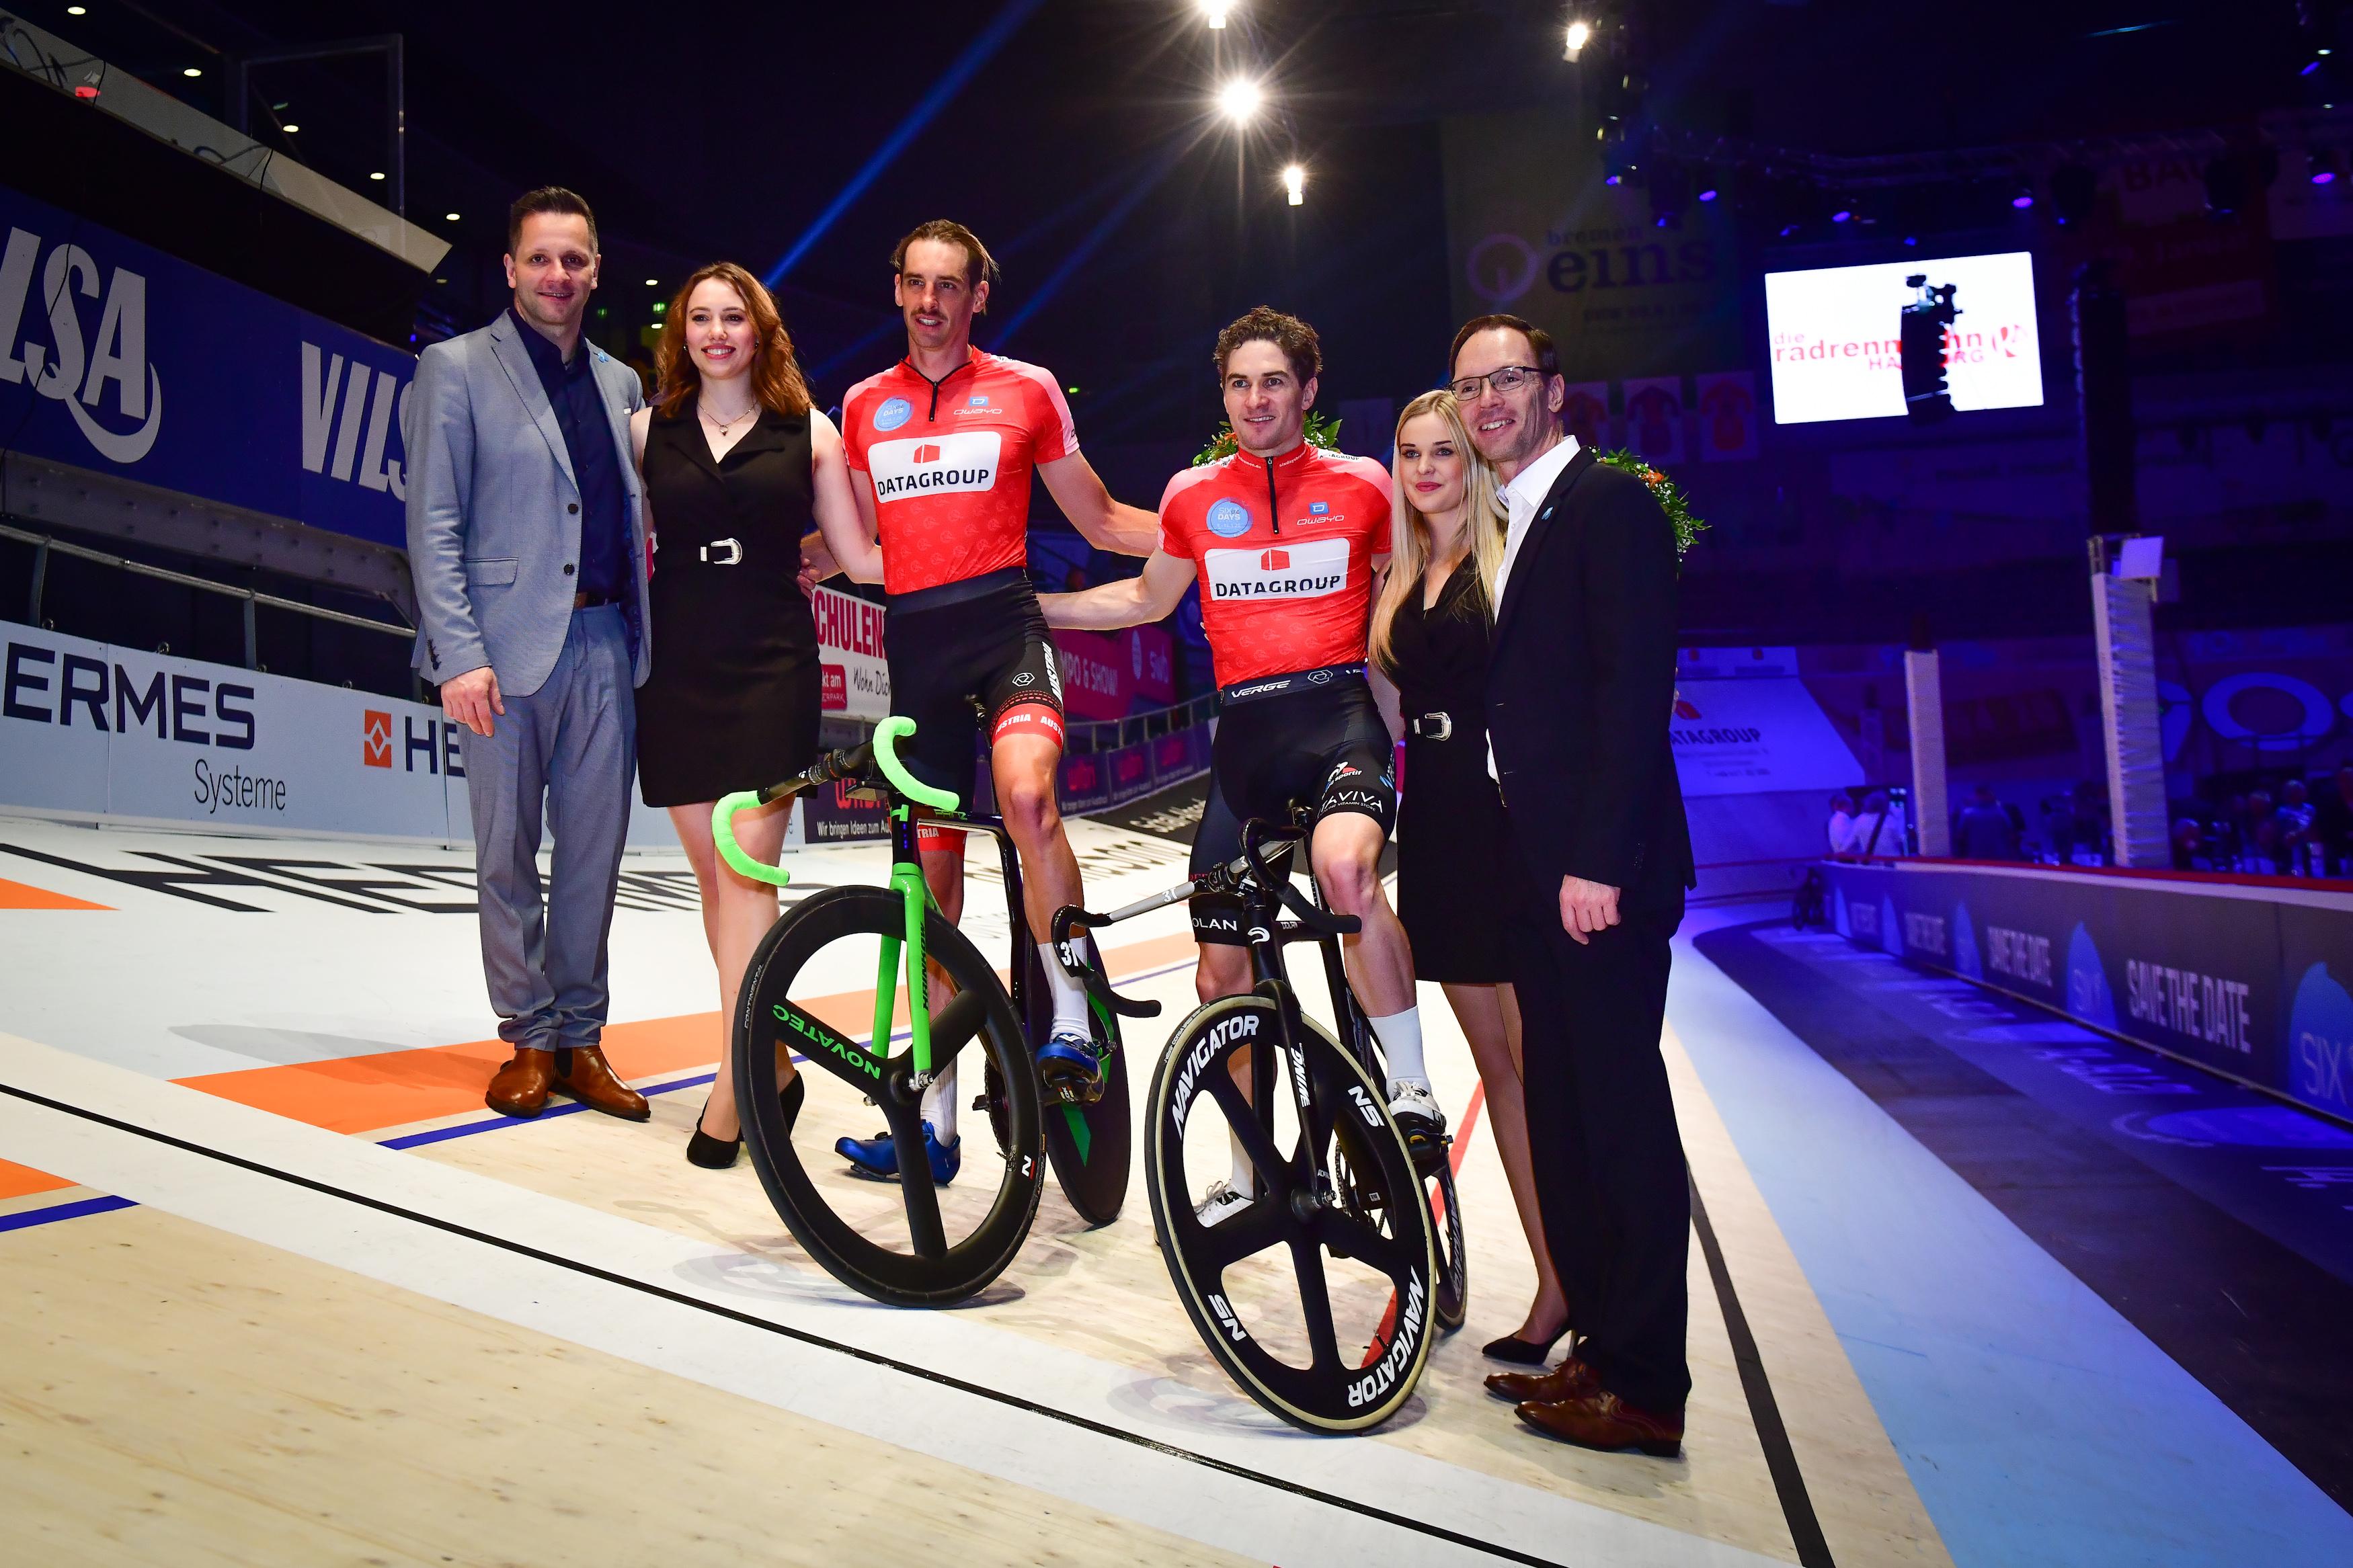 Erster Tagessieg für Andreas Graf und Marc Hester